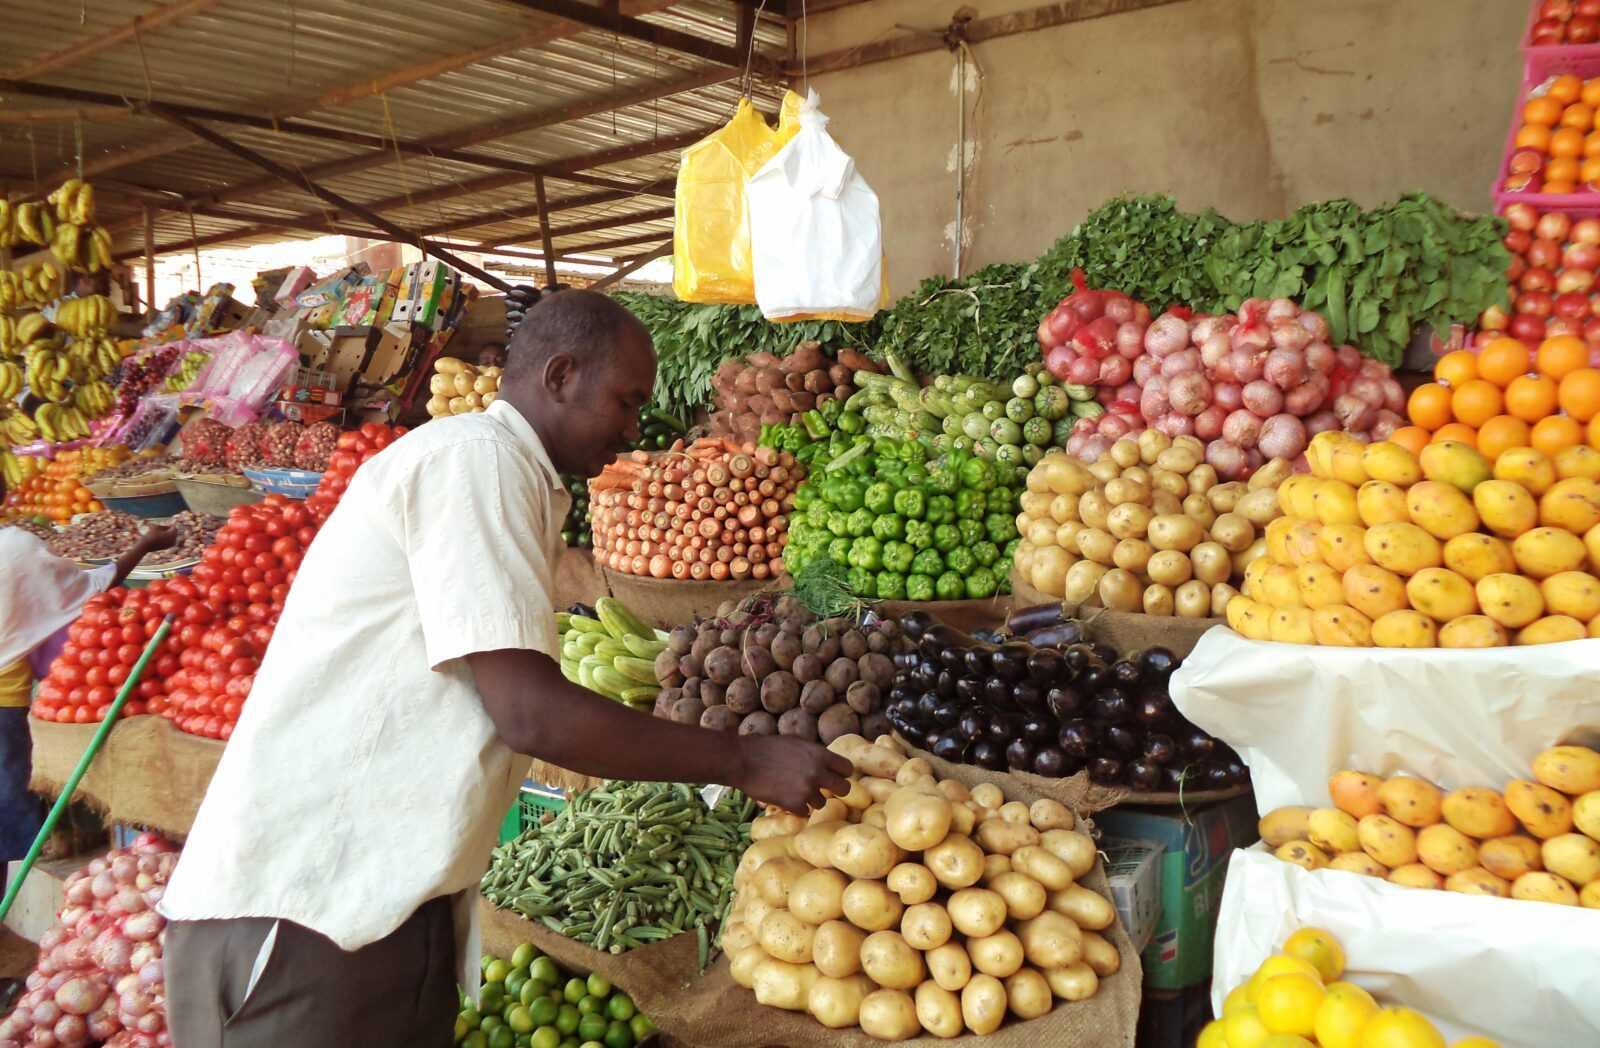 السودان يتوقع تباطؤ النمو الاقتصادي إلى 3.5%